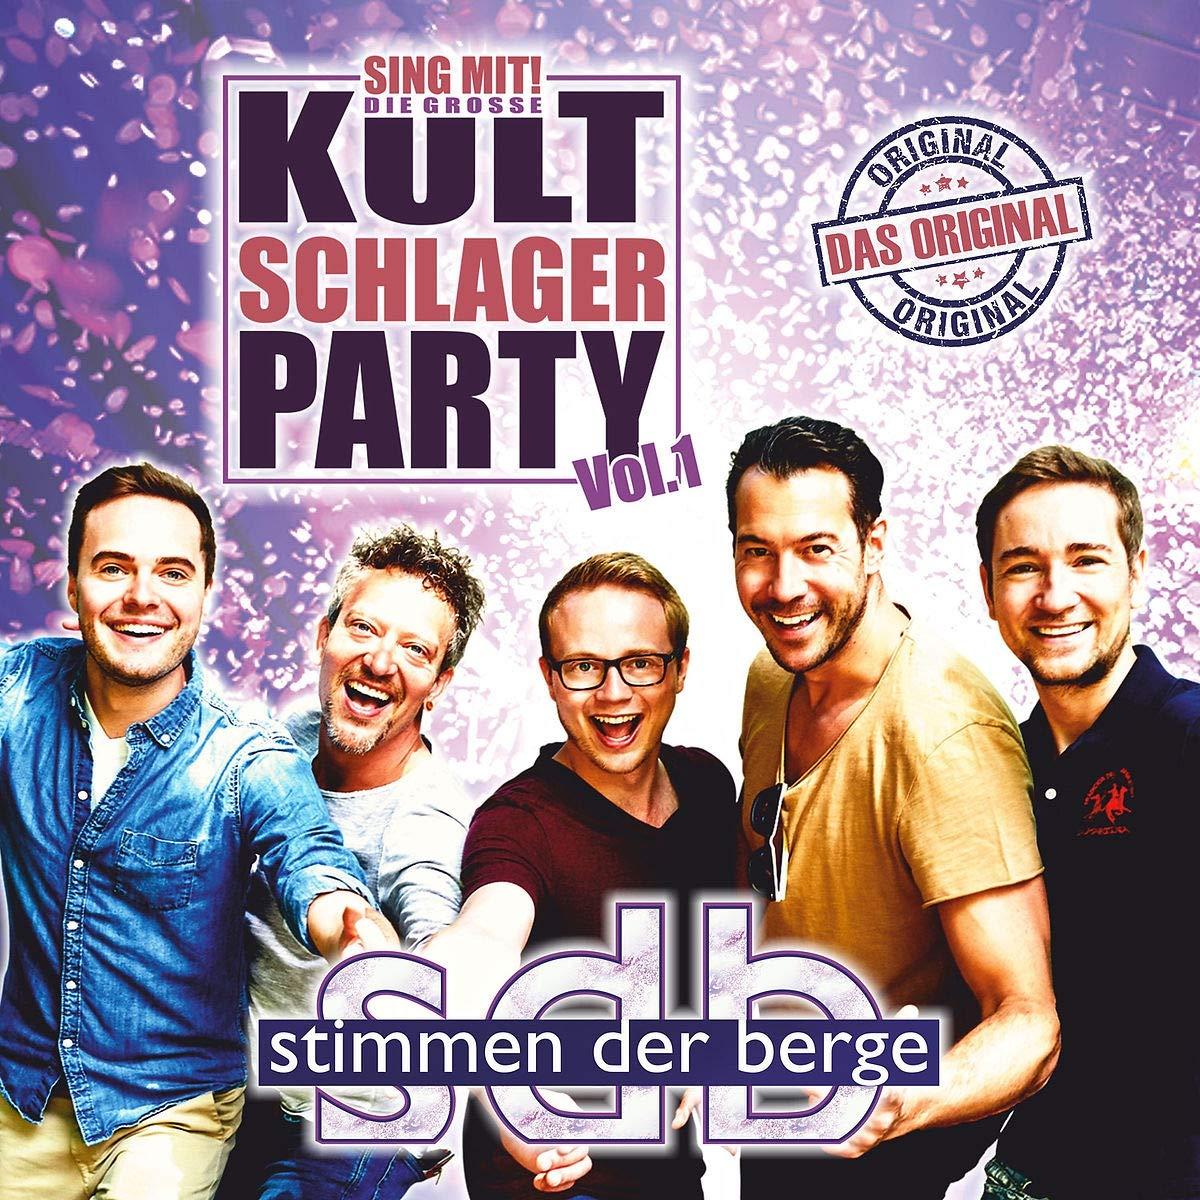 STIMMEN DER BERGE * SING MIT – Die große Kultschlager Party Vol. 1